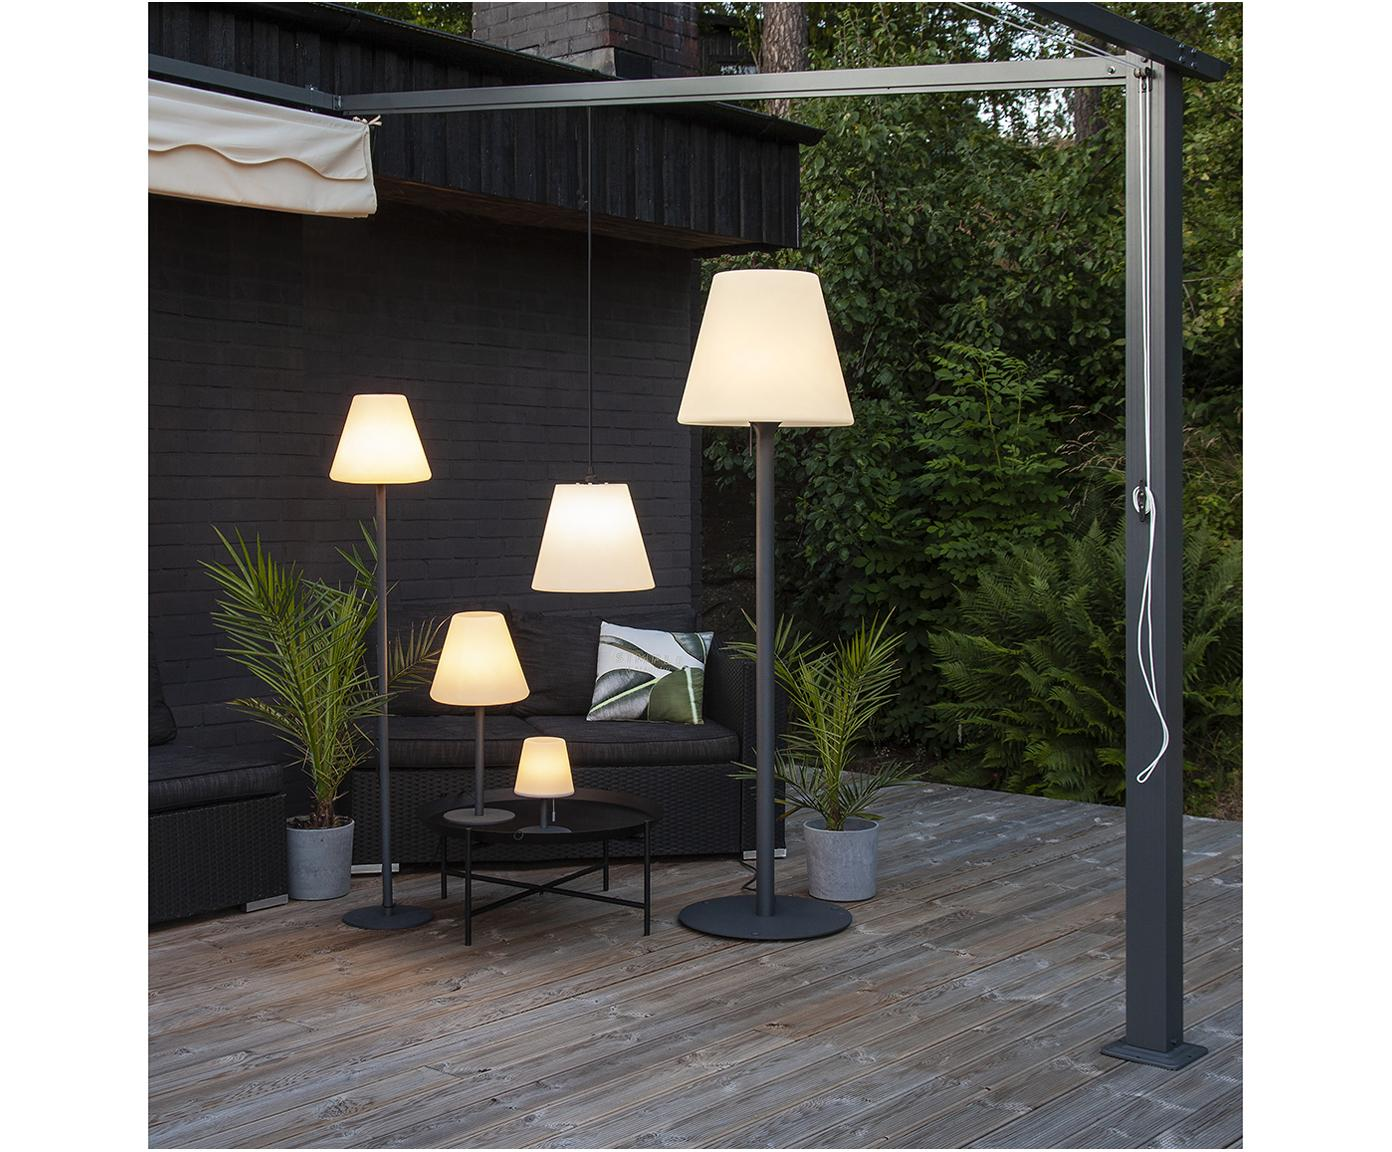 LED Außenstehleuchte Gardenlight, Lampenfuß: Metall, beschichtet, Weiß, Anthrazit, Ø 28 x H 150 cm